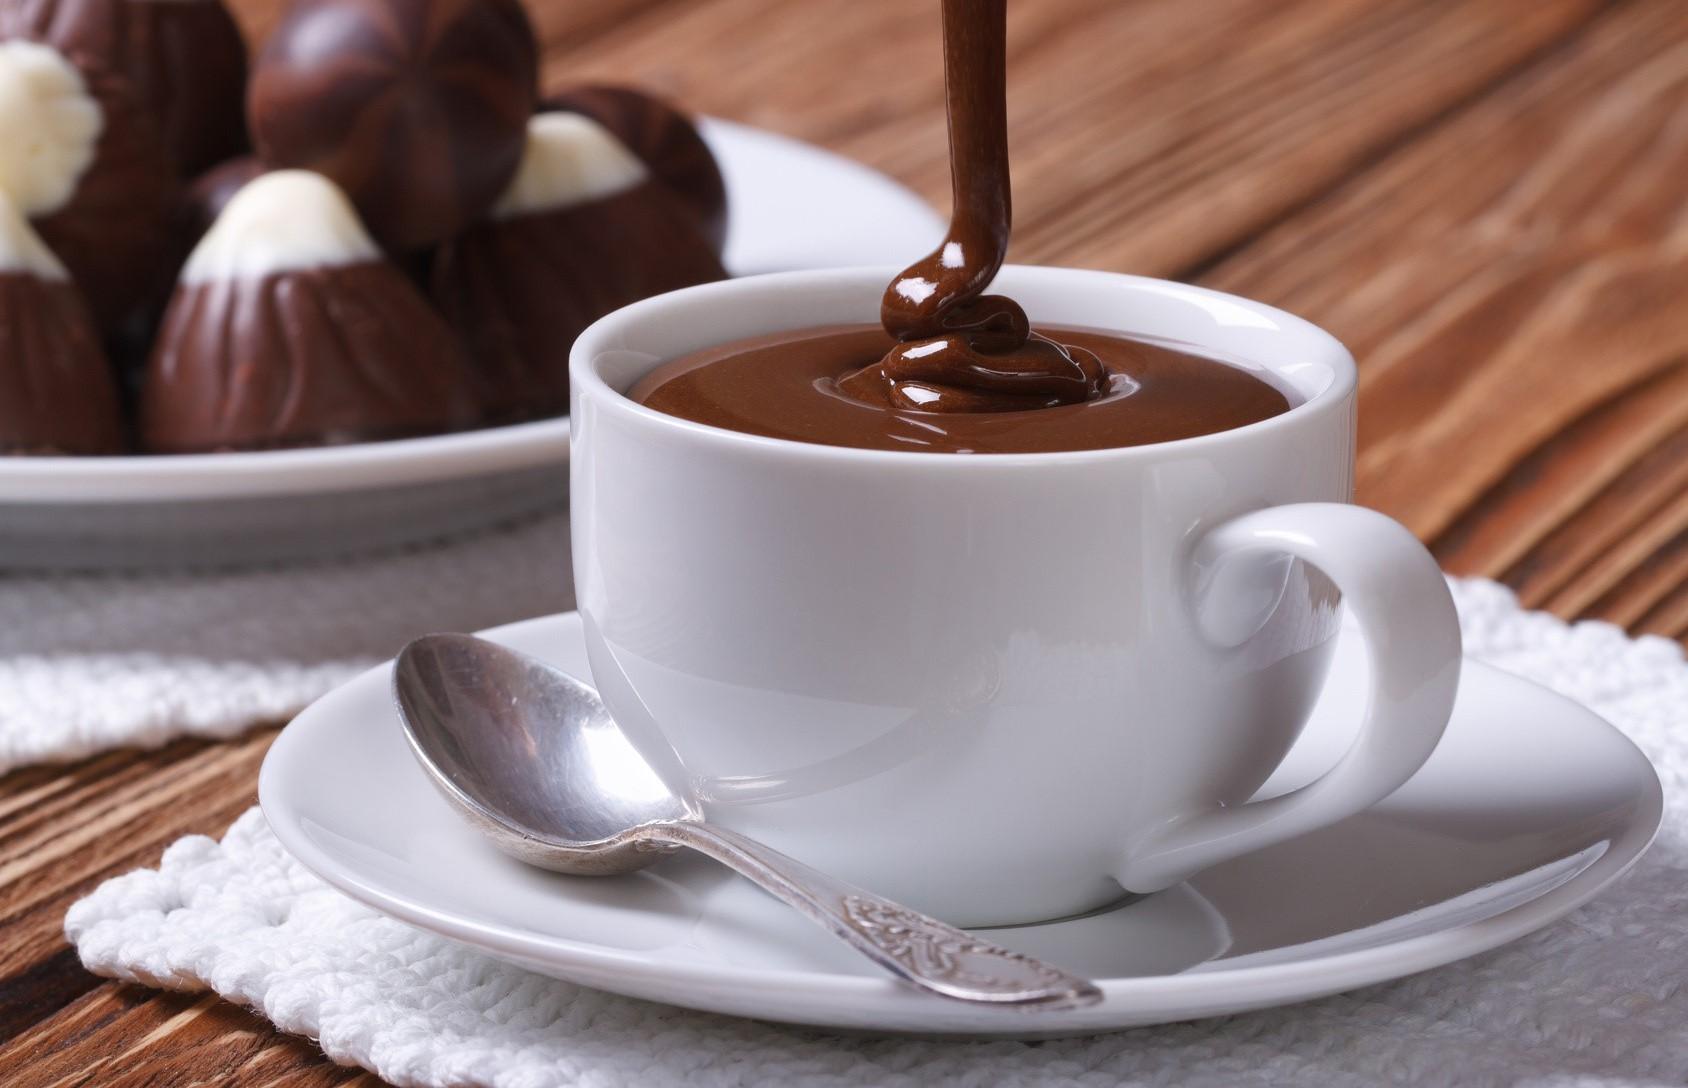 Cioccolata calda uit Italie